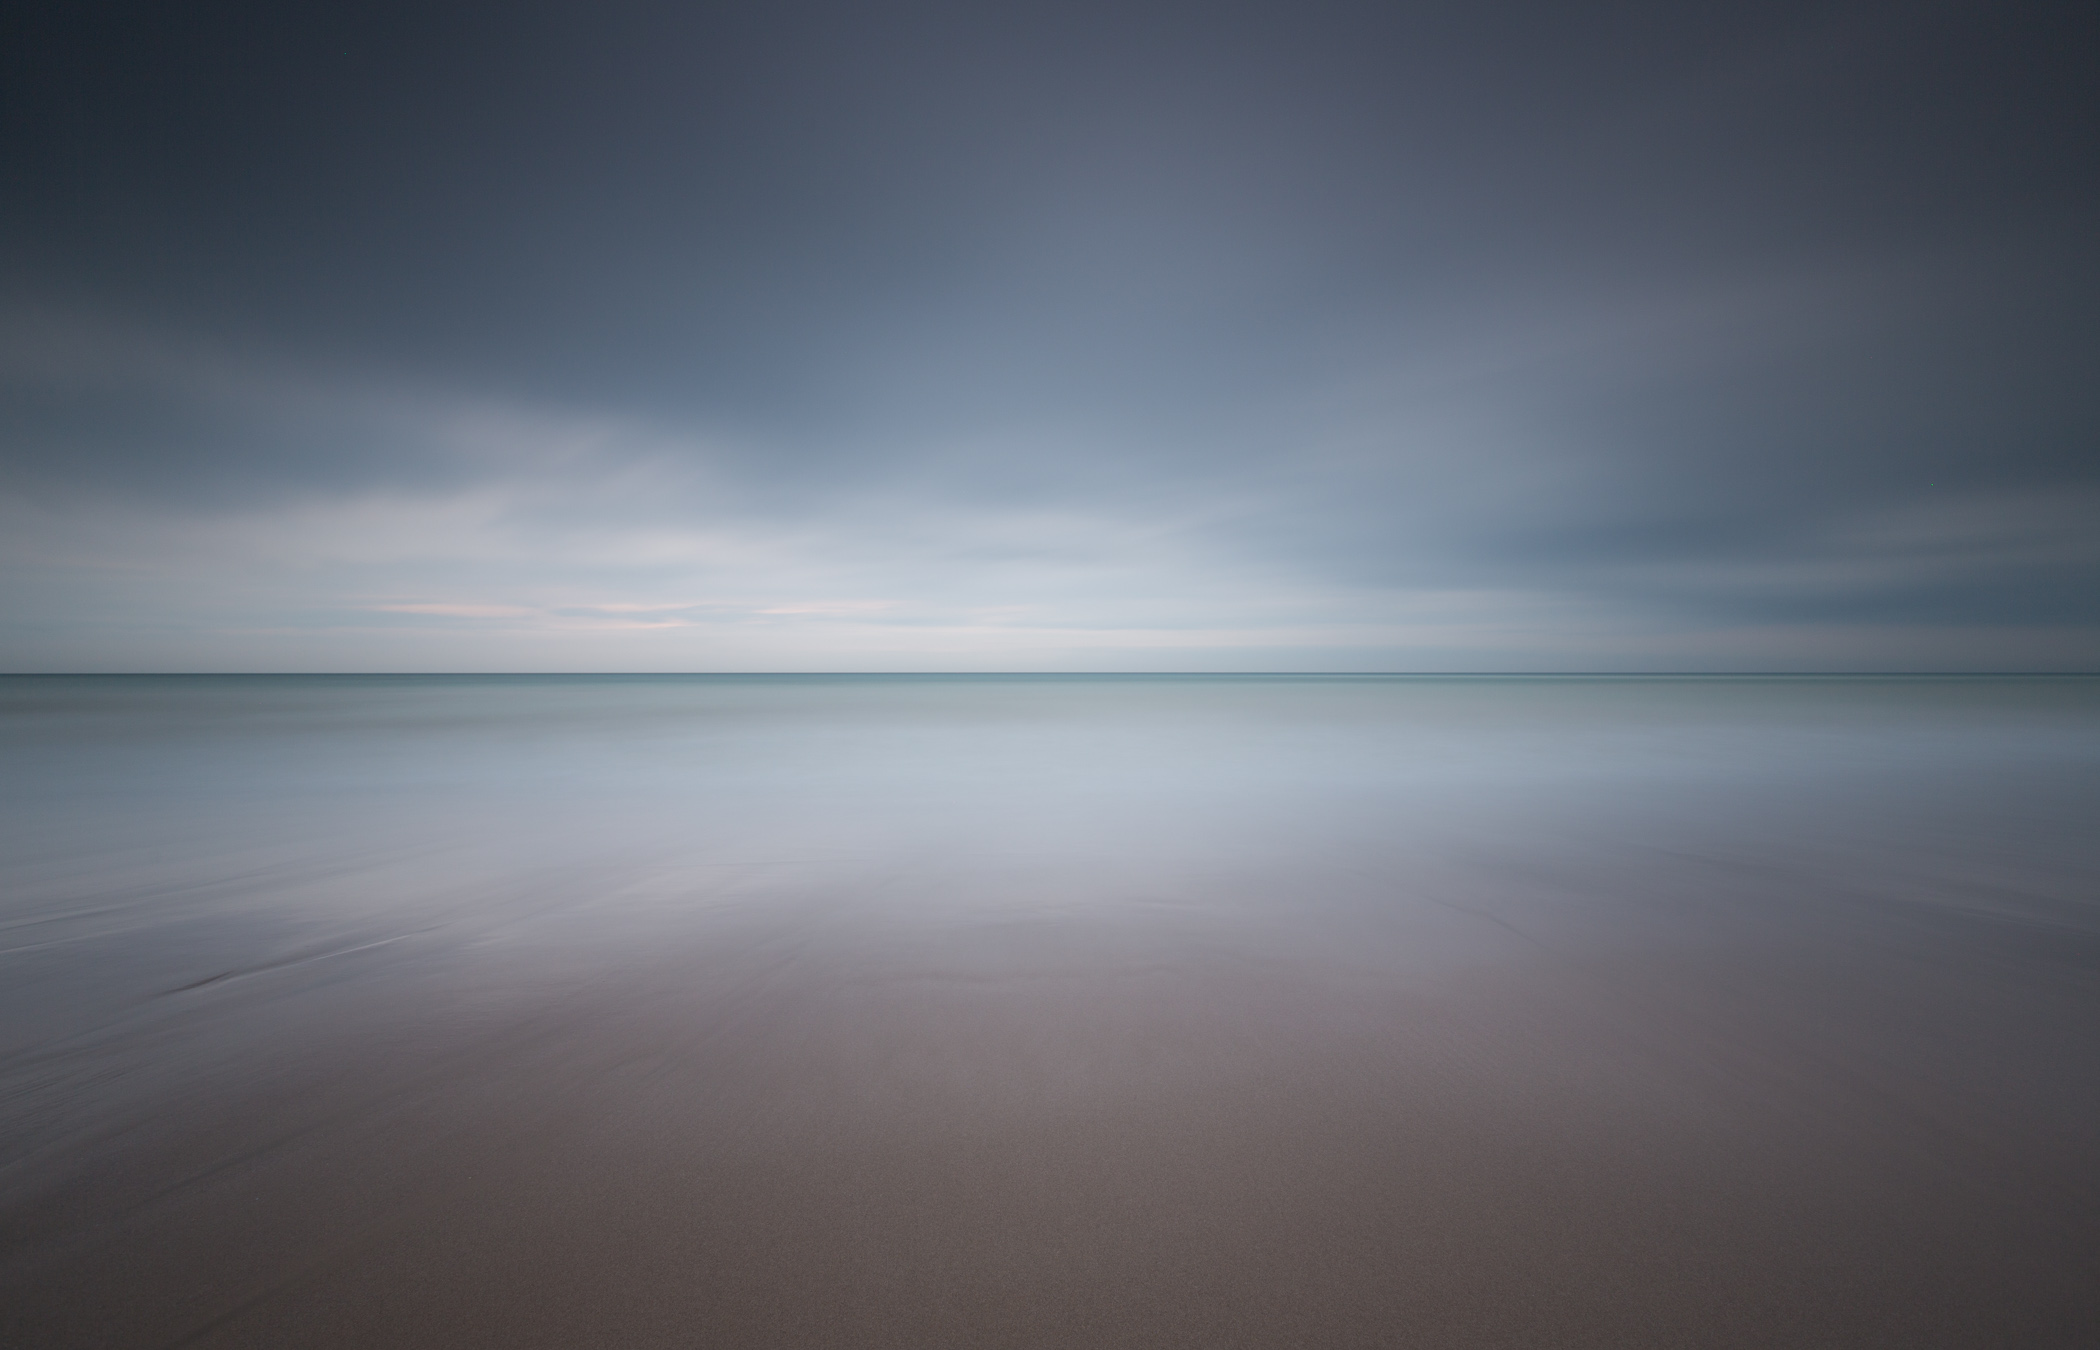 Gentle shore